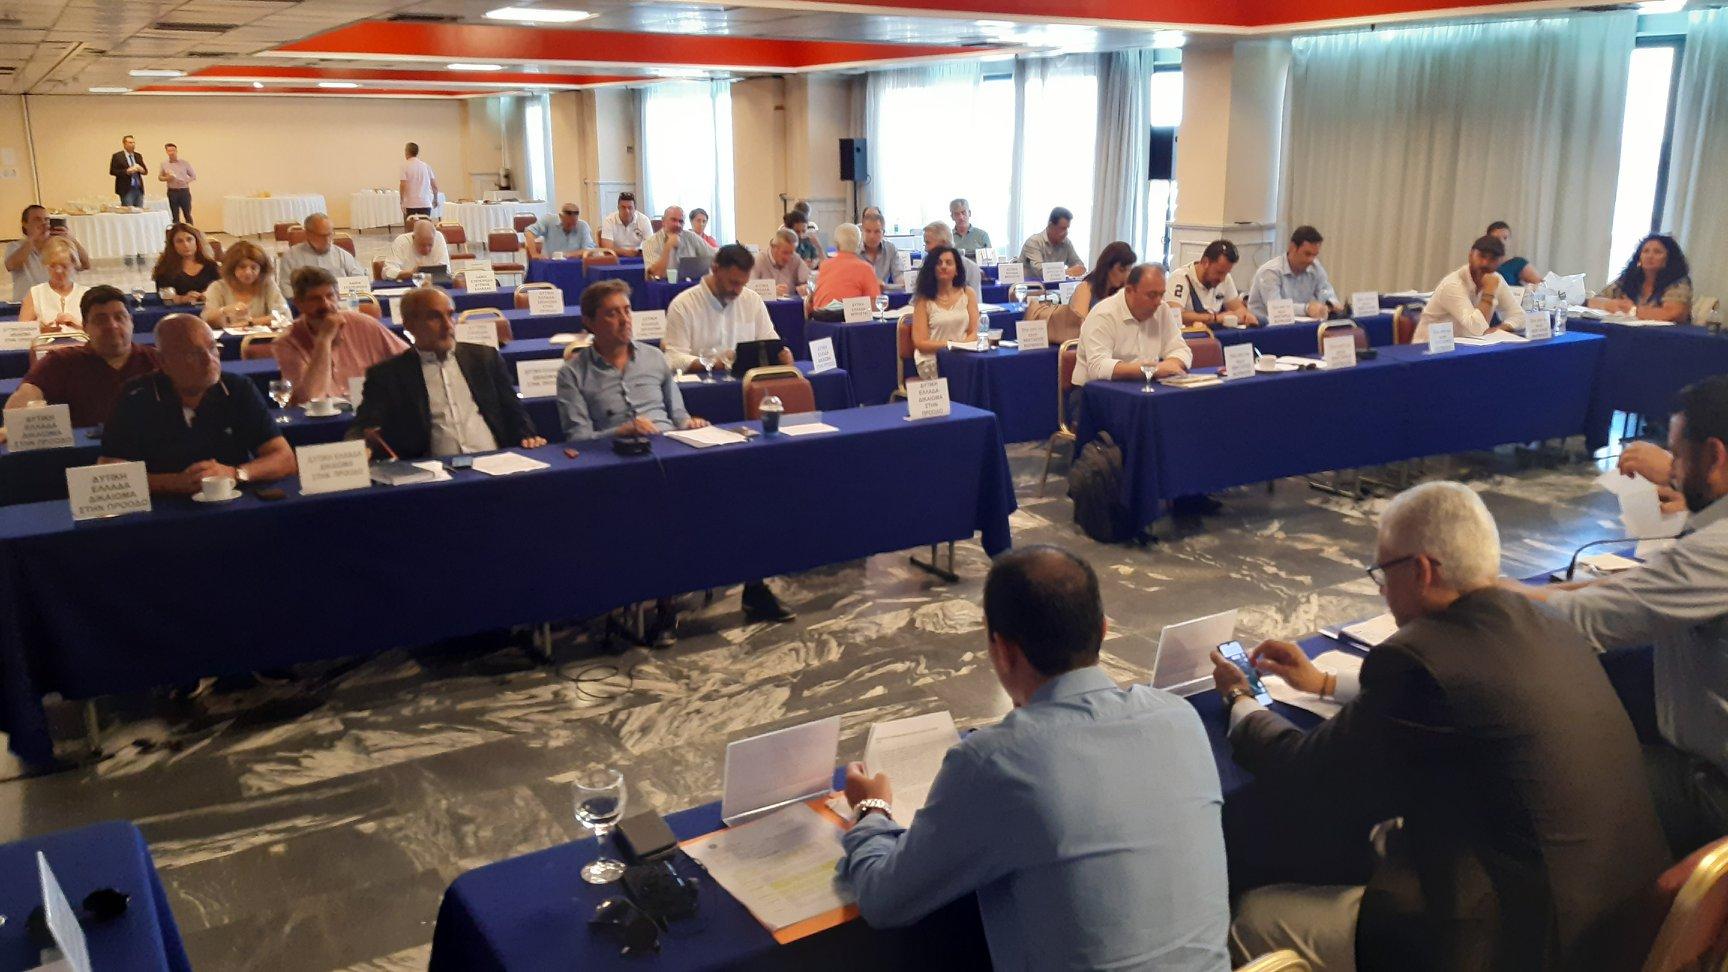 ΠΔΕ- Περιφερειακό Συμβούλιο Δυτικής Ελλάδας: «Επιστροφή» στις δια ζώσης συνεδριάσεις